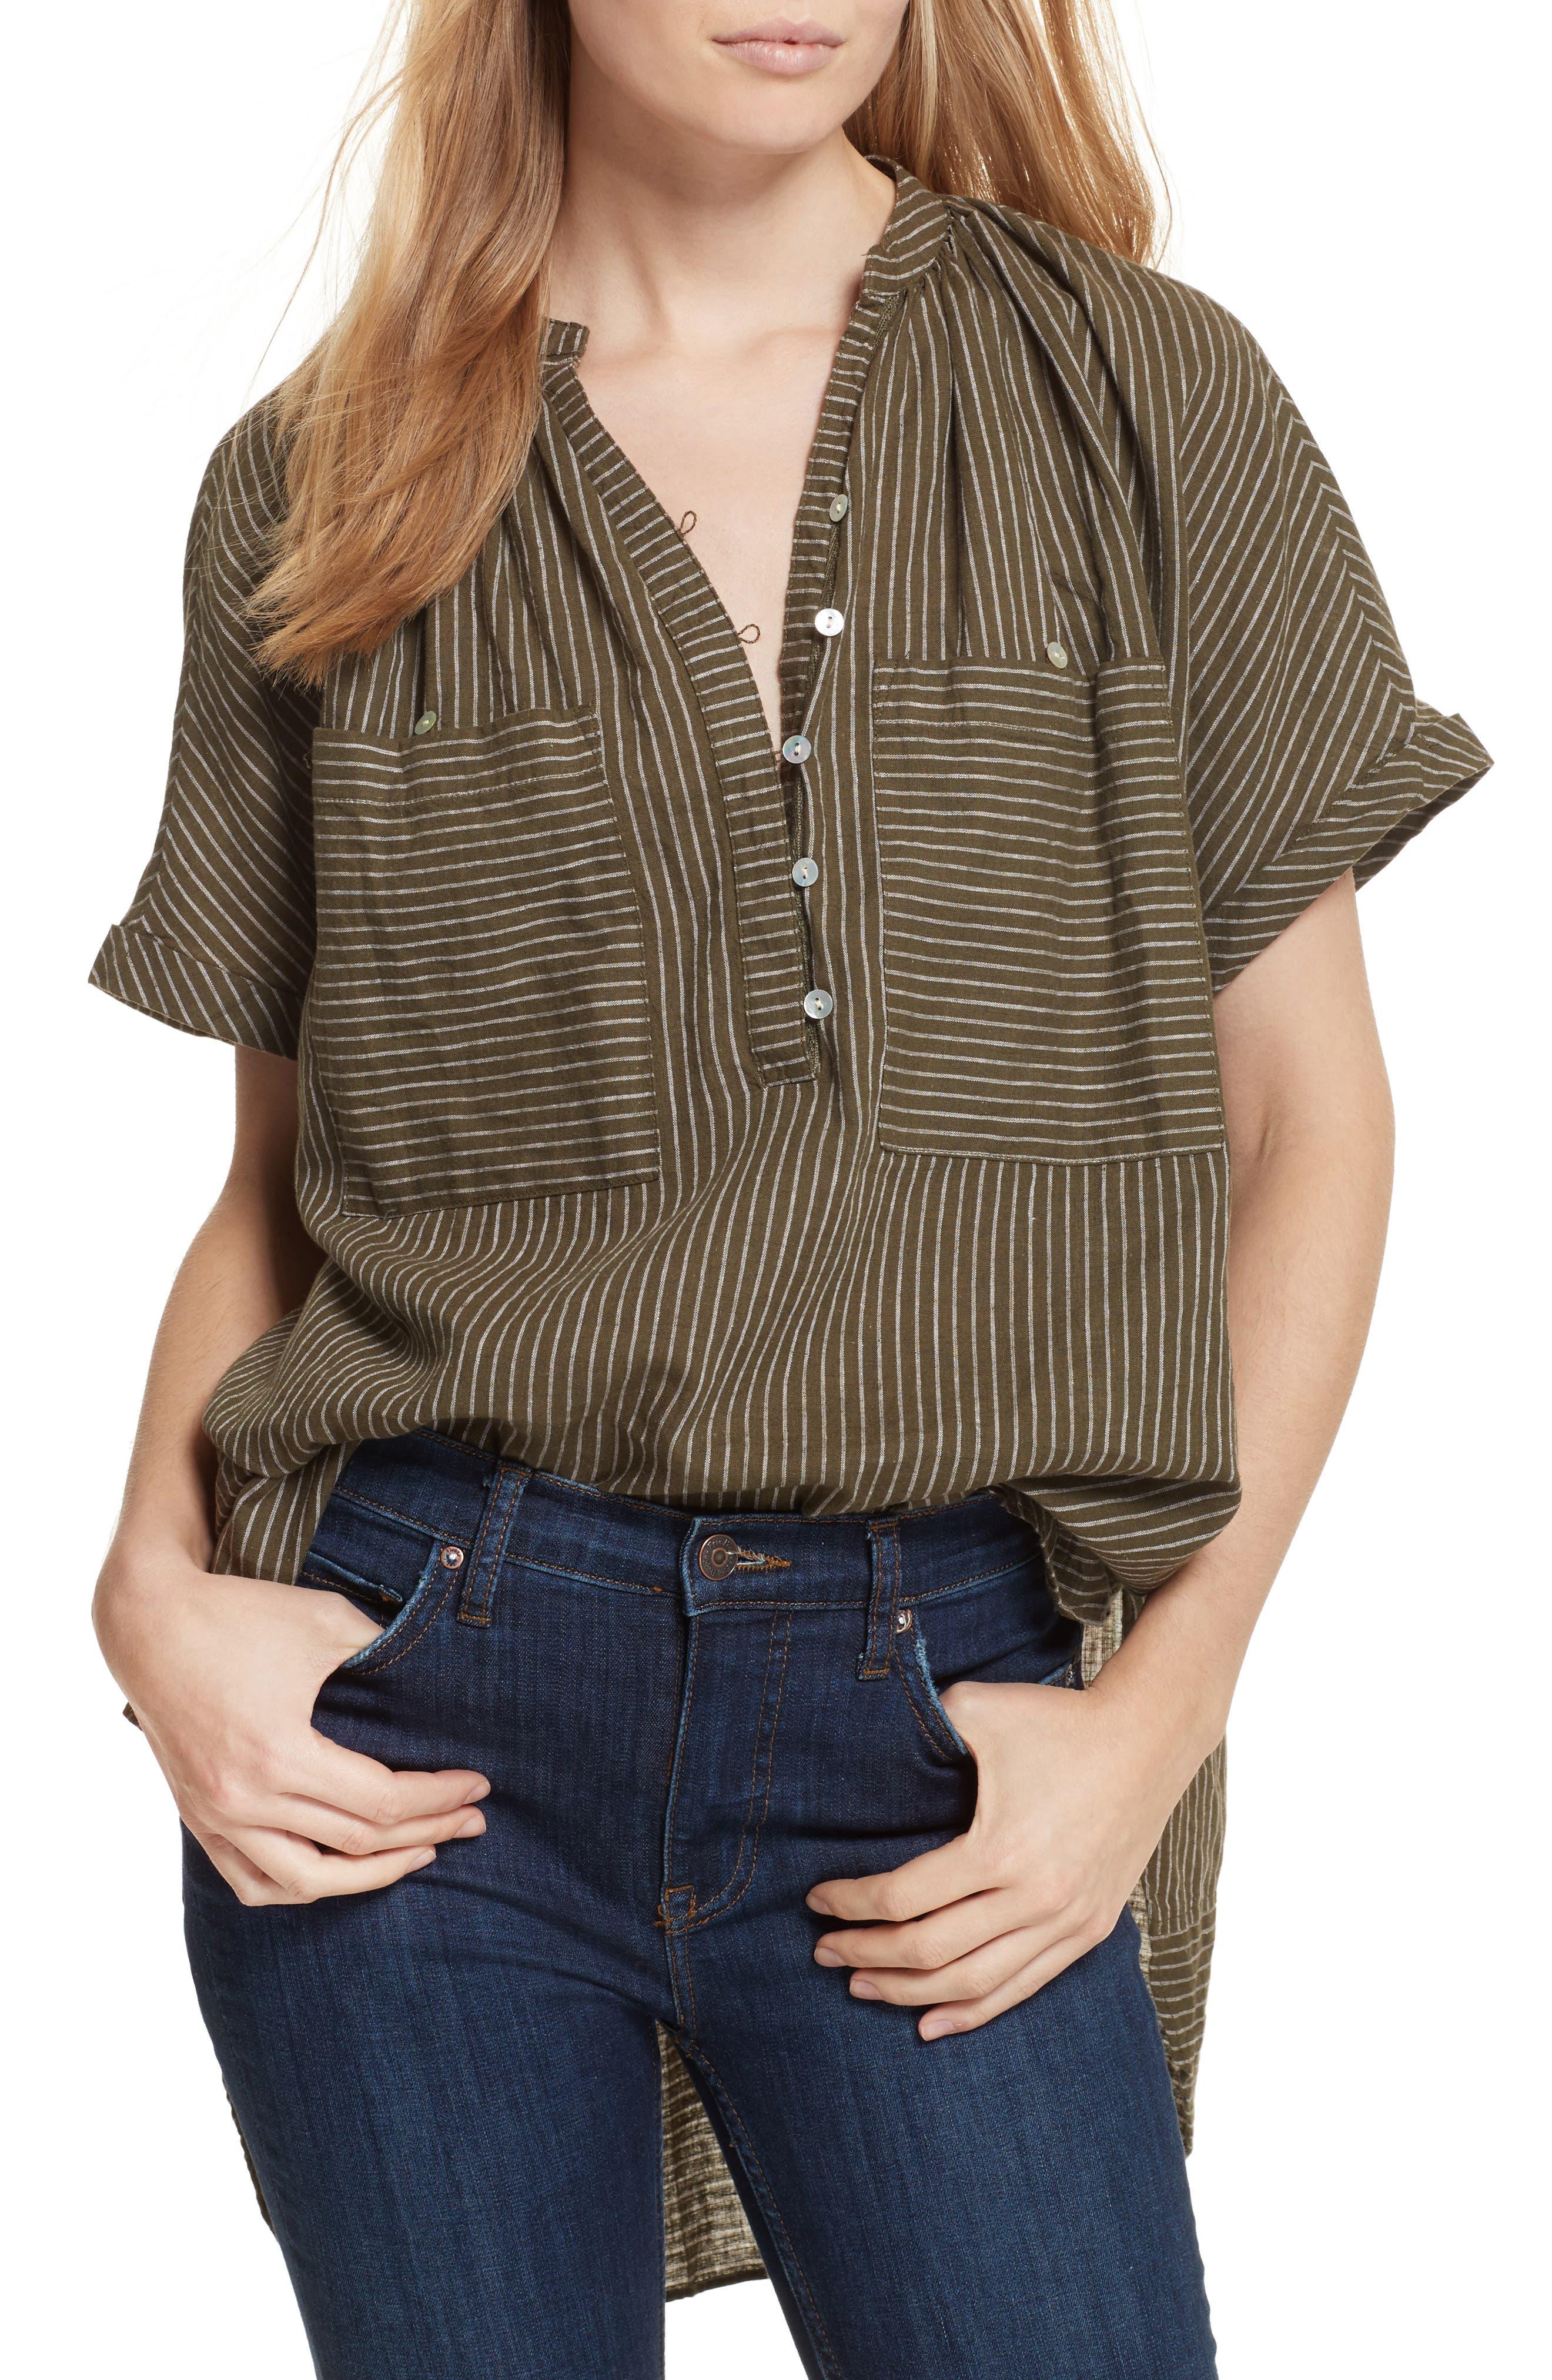 For Keeps Linen Blend Top,                         Main,                         color, Khaki